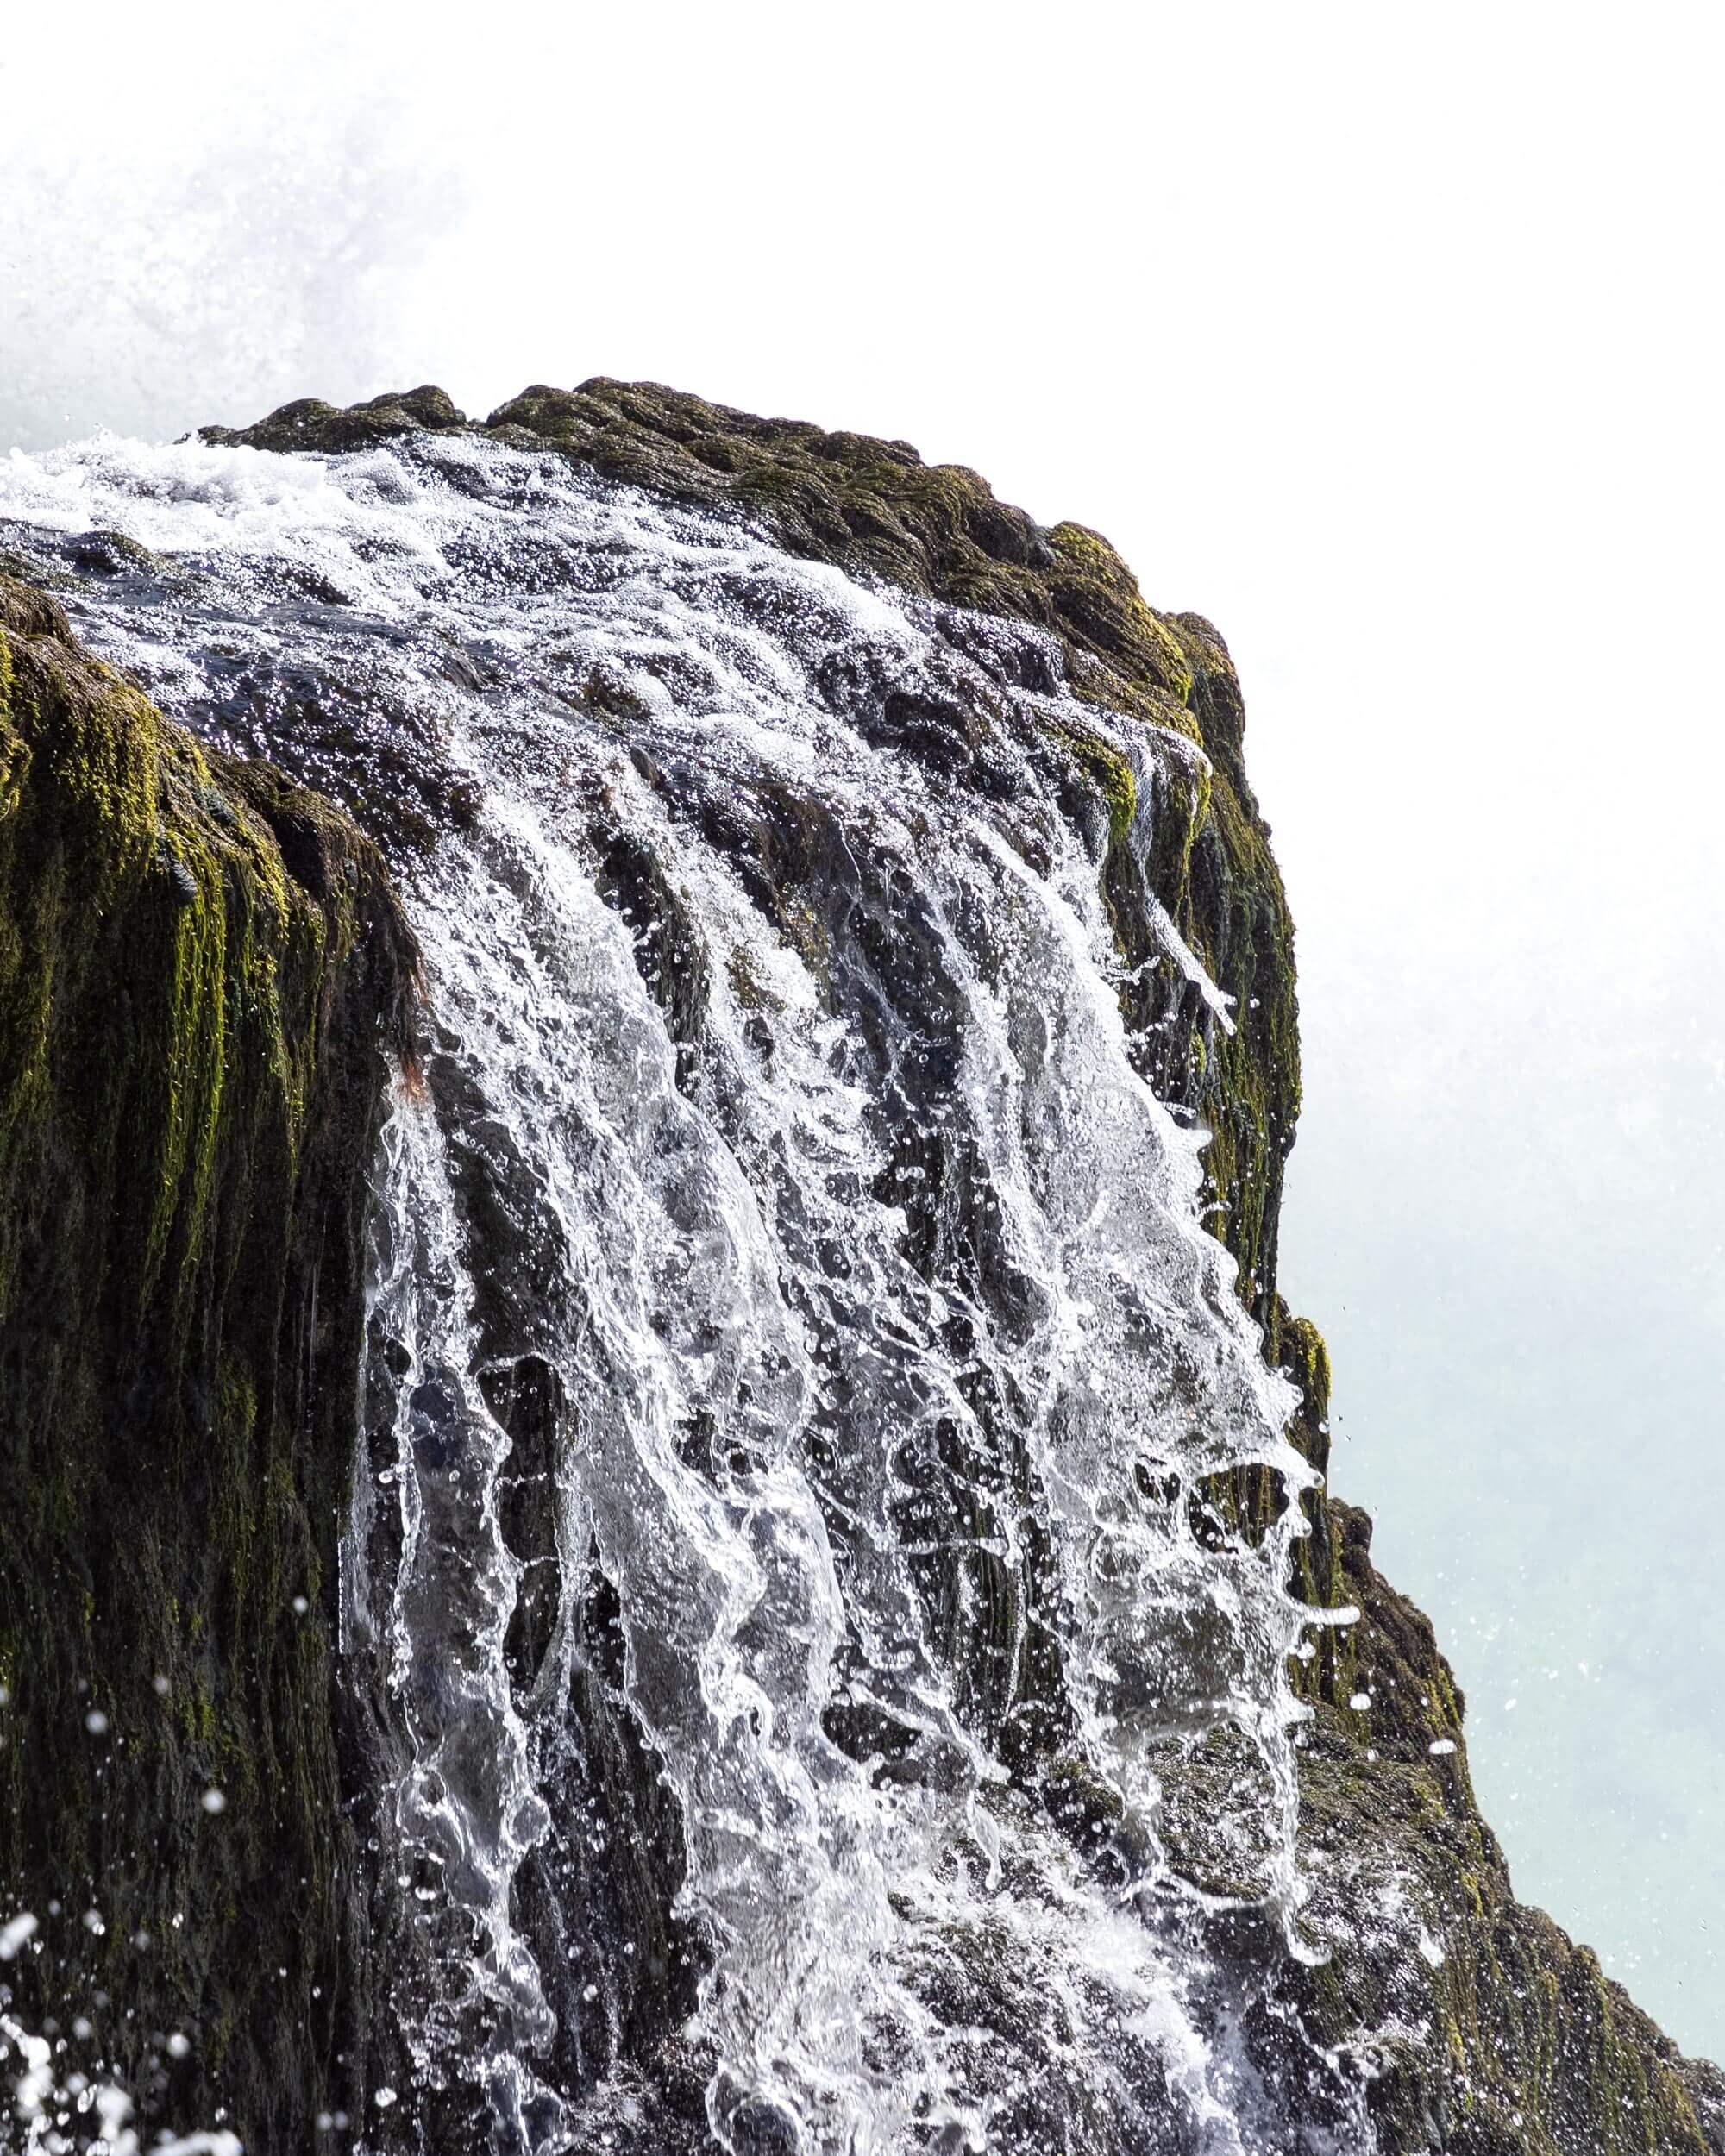 Kleiner Wasserfall fliesst über einen Felsen hinab Themenbild Old Donald's Schale Kokosnuss rund goldiger Rand Behälter für Grinder Inhalt Cbuy.ch Alles Gute aus Cannabis Schweizer CBD Hanfblüten CBD Produkte CBD Öle Hanf-Lebensmittel Schlafen Schmerzen Entspannung Natur SWISS Gate AG